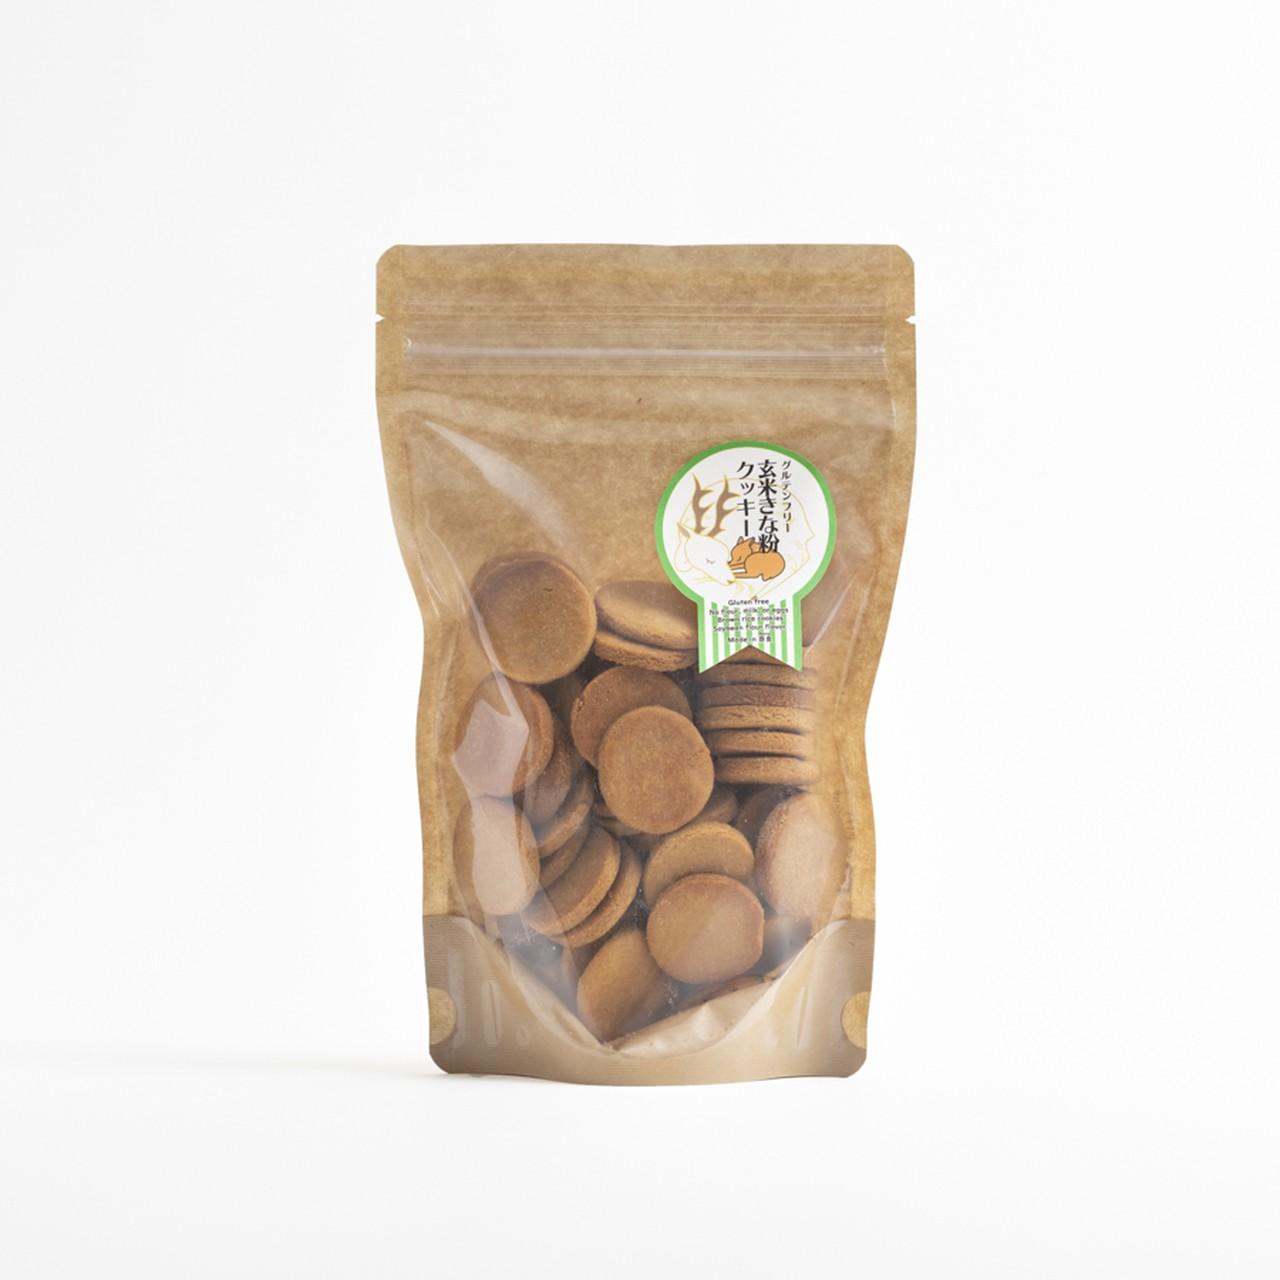 [グルテンフリー]小麦粉・卵・乳製品・白砂糖不使用♪【玄米きな粉クッキー】50枚入り大袋受注生産